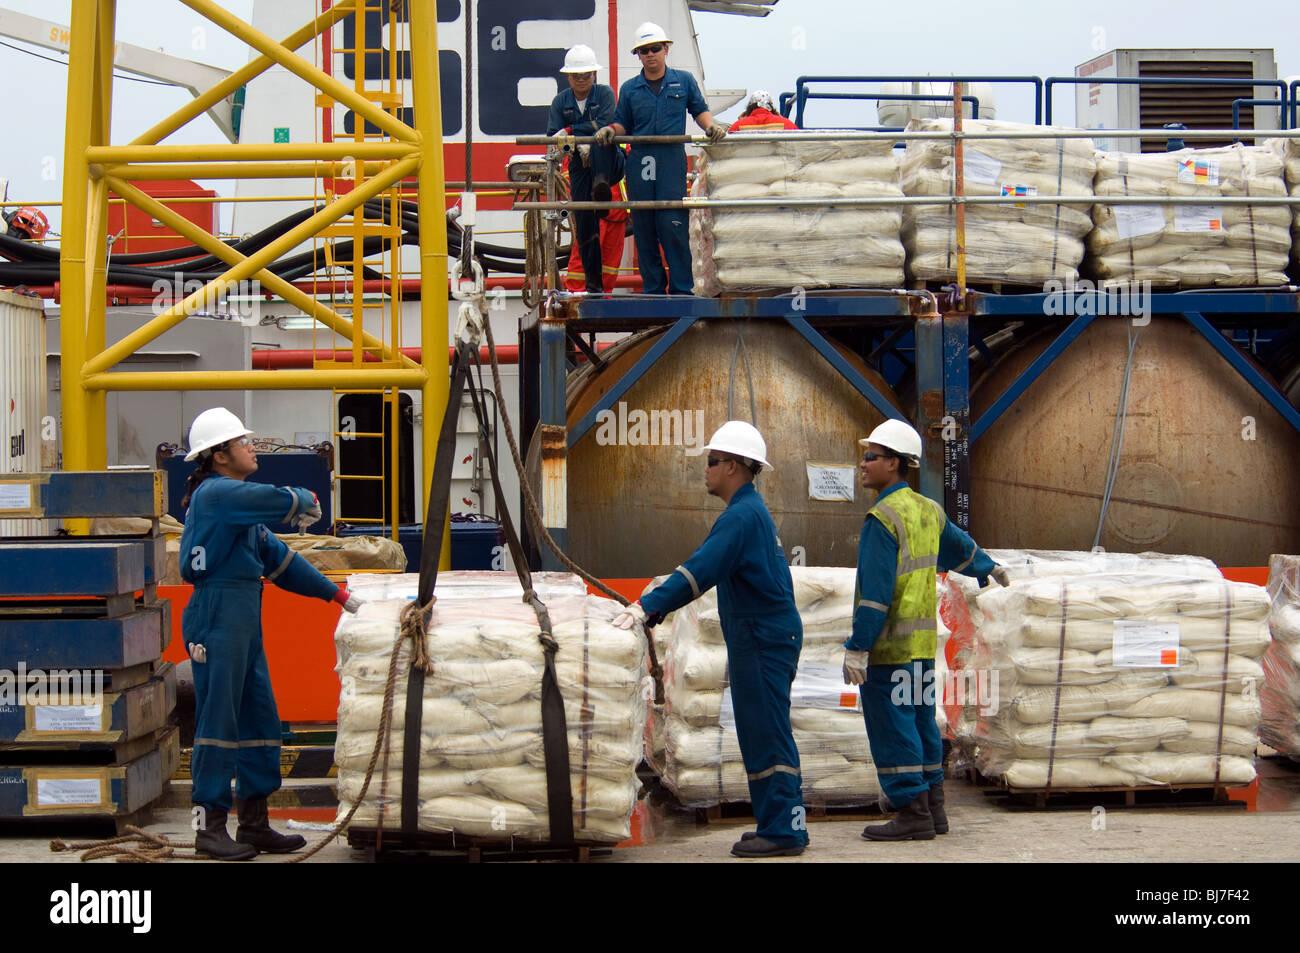 Muara Container Port.Brunei Darussalam - Stock Image